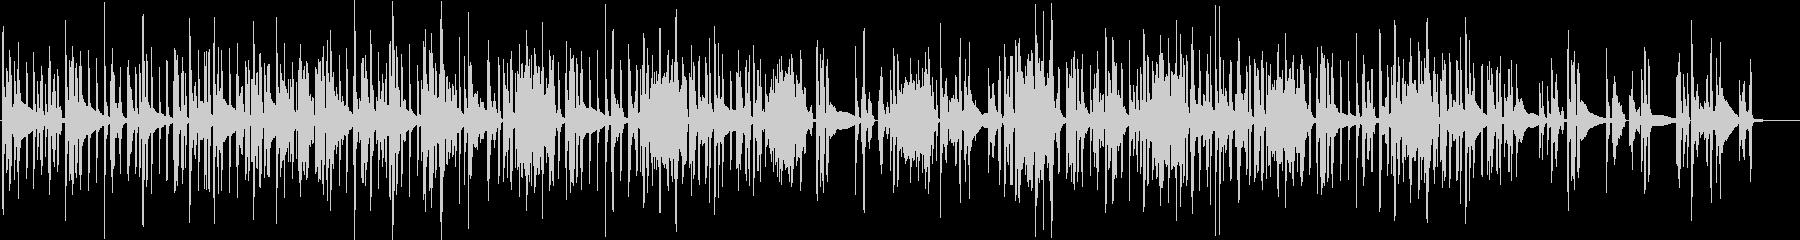 スローで綺麗な音のエレクトロニカの未再生の波形